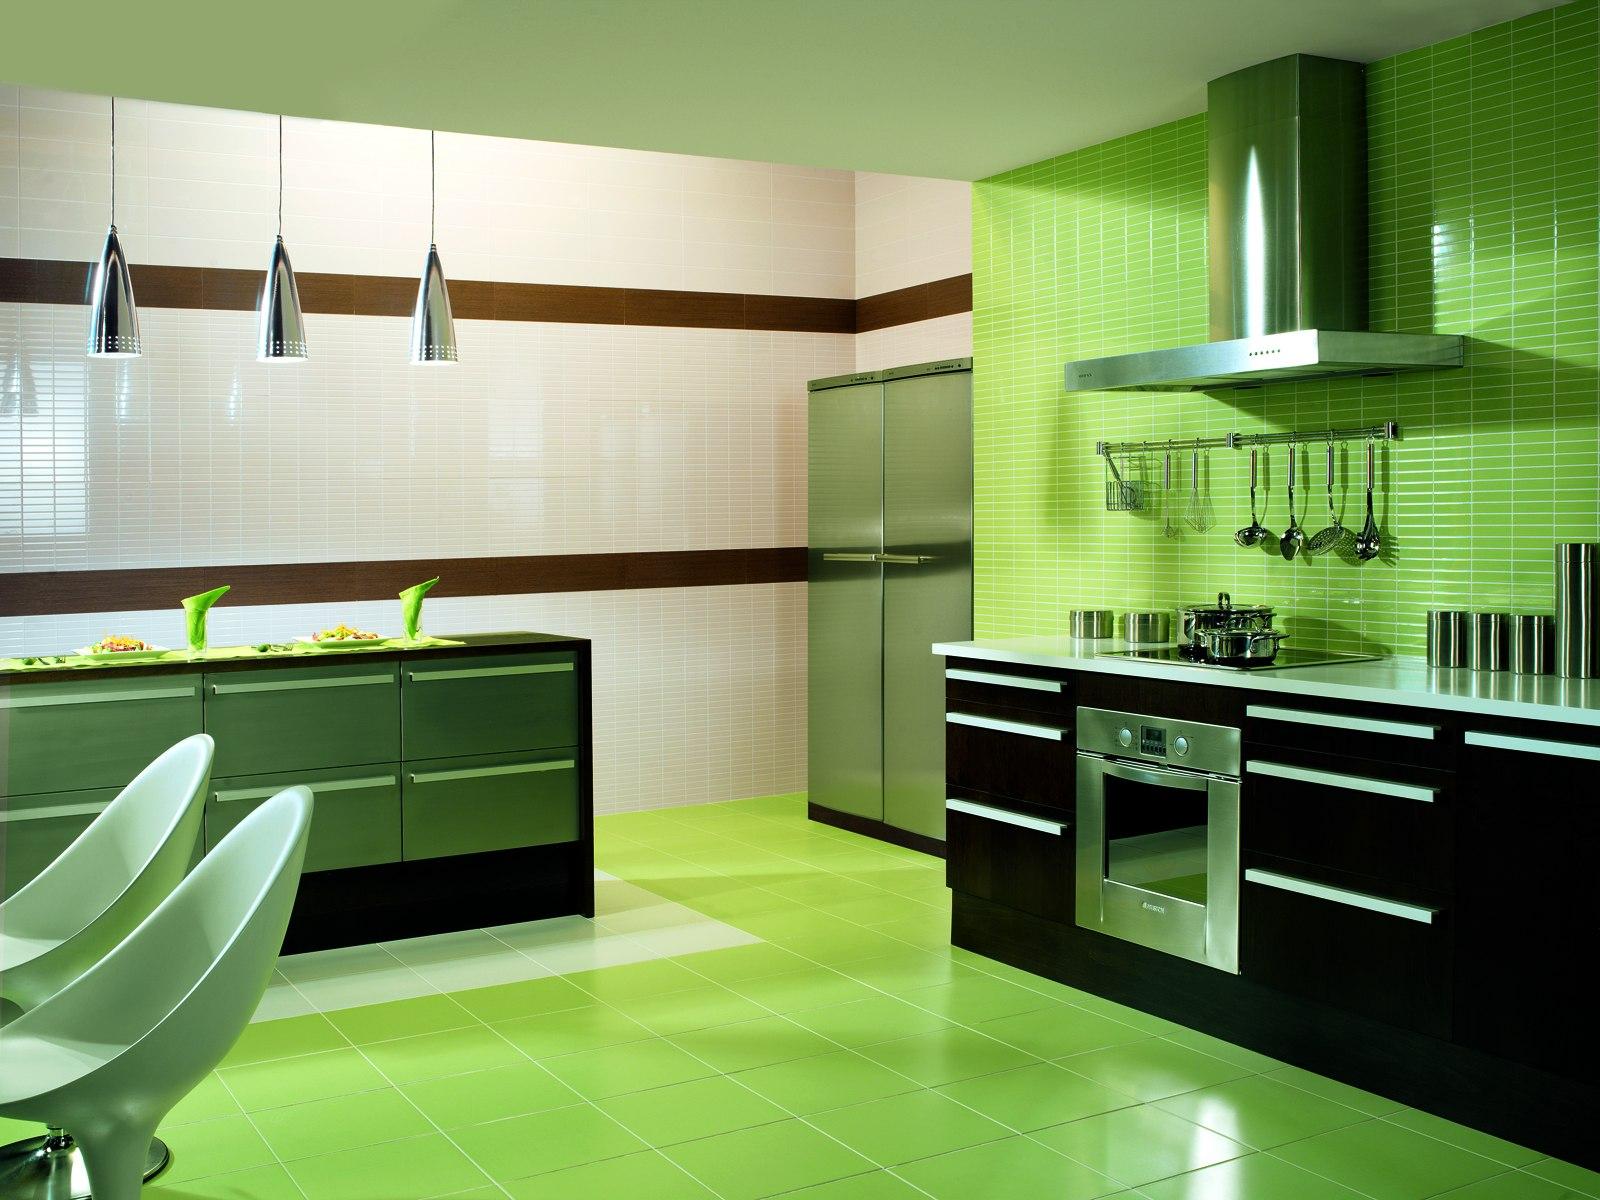 Piastrelle verde guarda le collezioni marazzi - Combinaciones de azulejos para banos ...